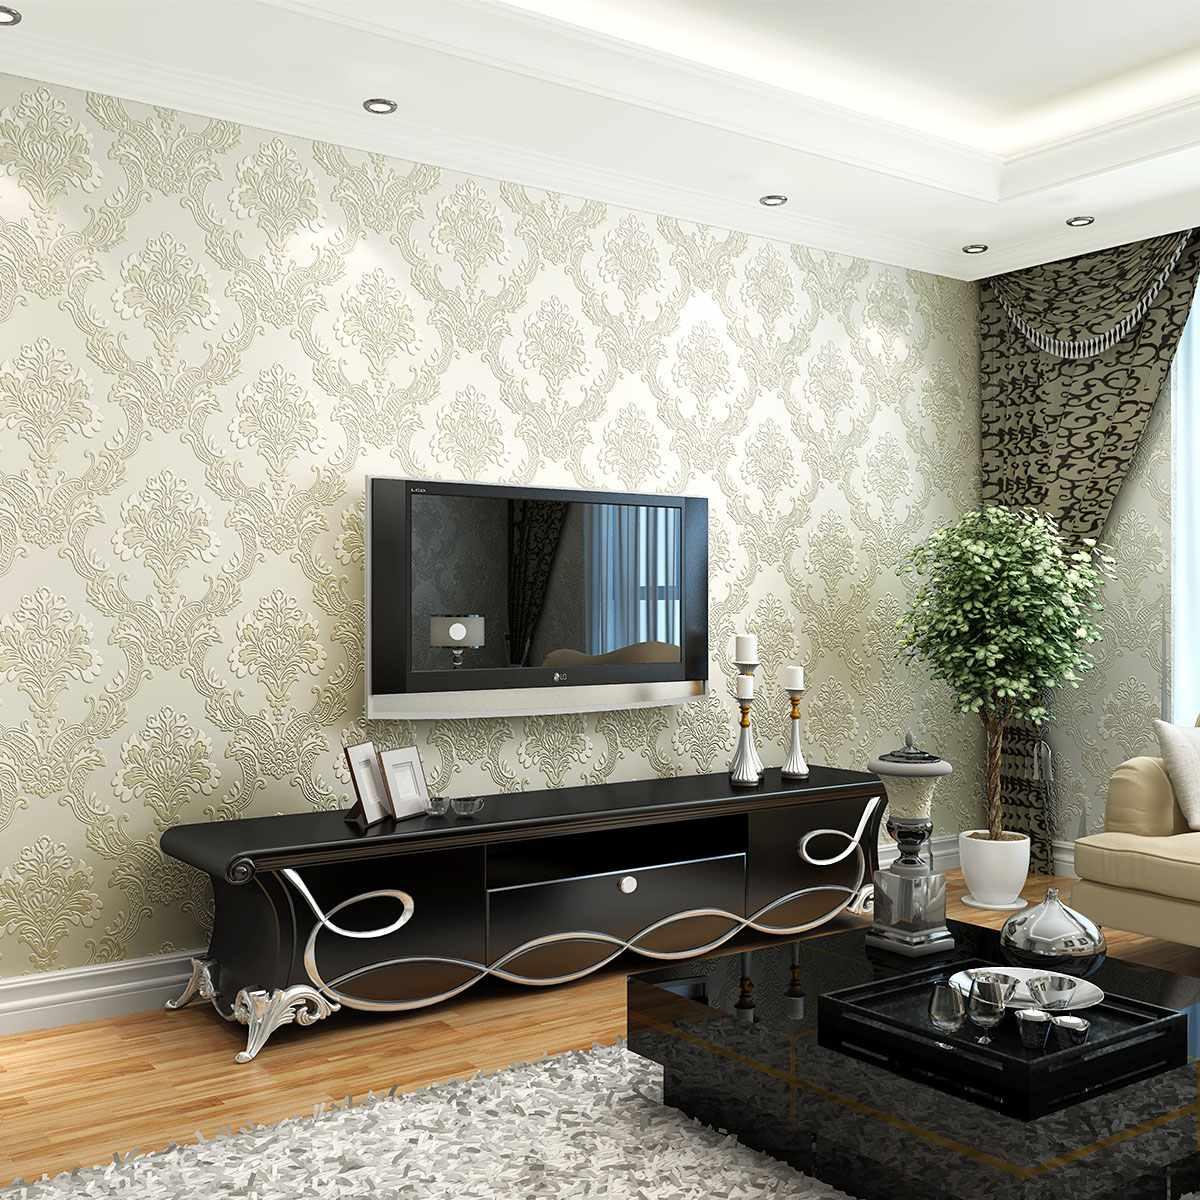 tùy chọn cho một trang trí tươi sáng của giấy dán tường cho phòng khách